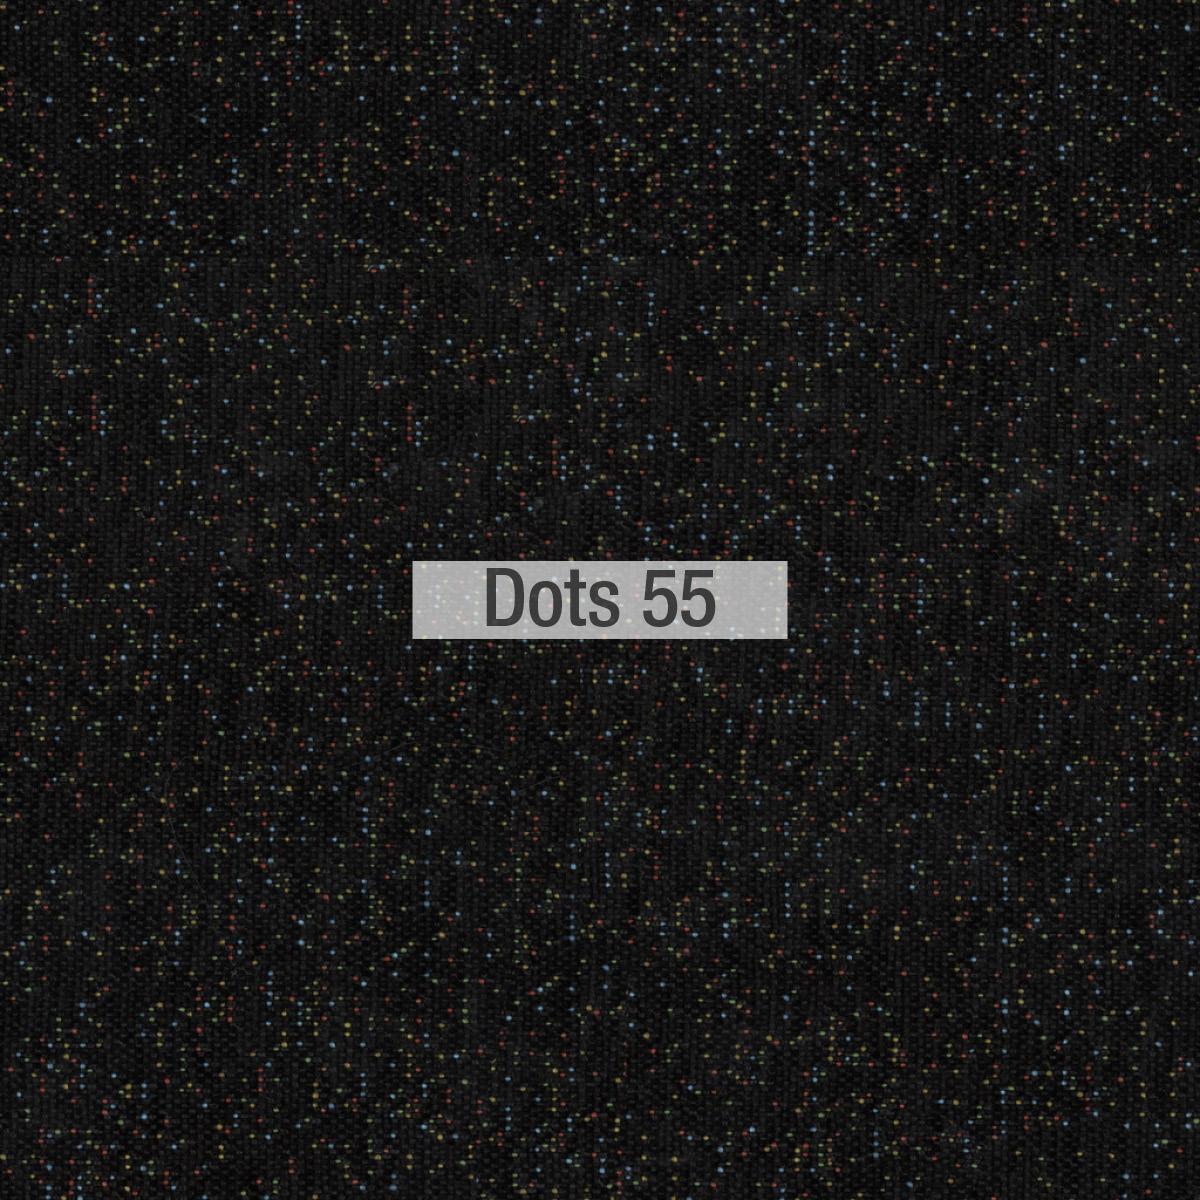 Colores Stella-Dots tela Fama 2020 17